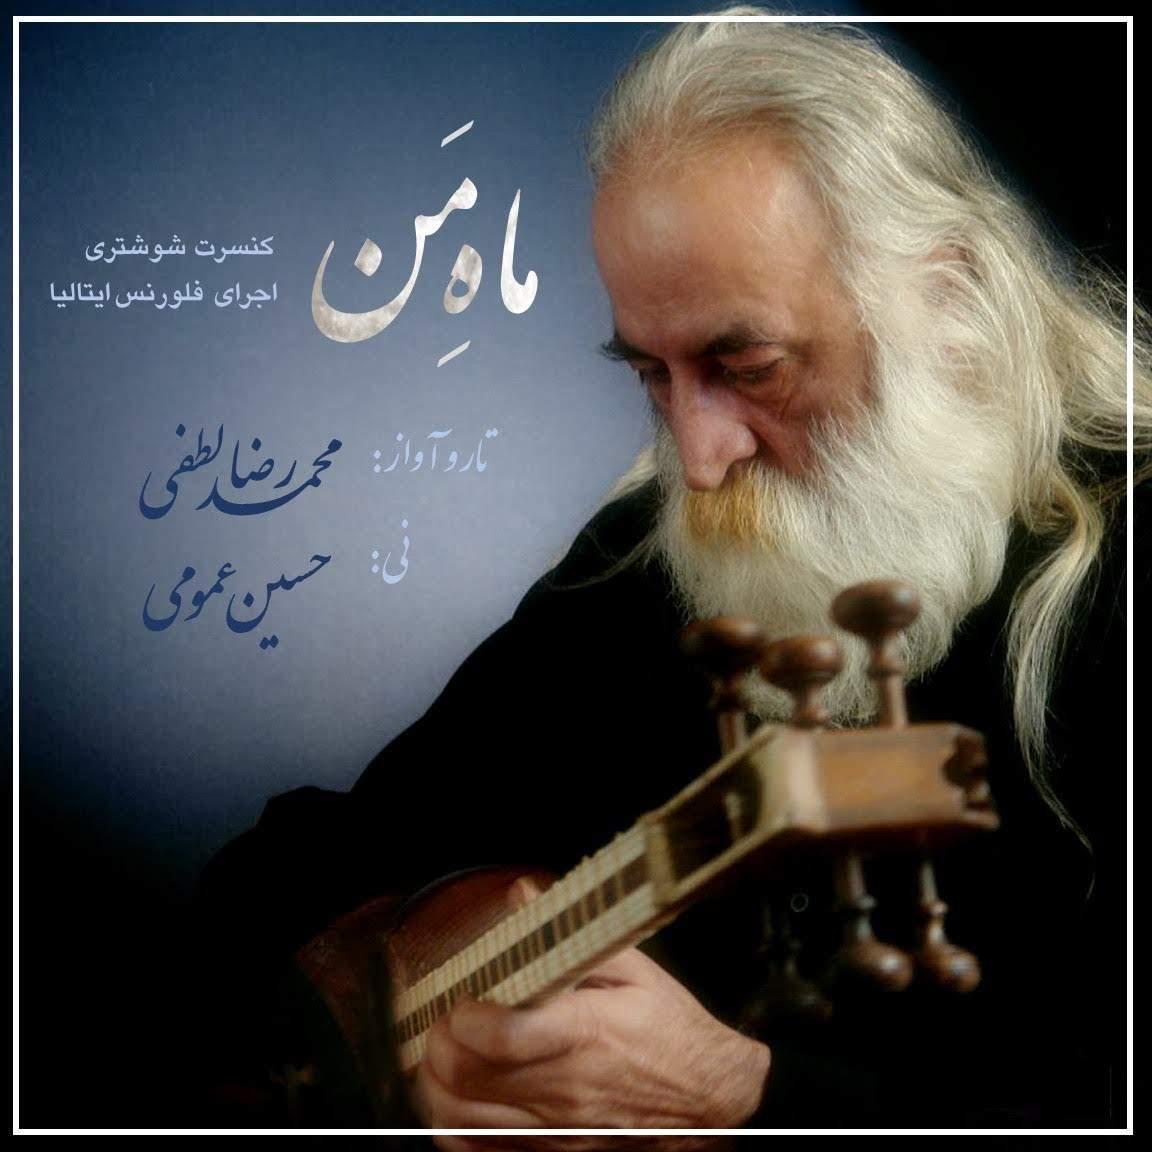 ماه من کنسرت شوشتری تار و آواز محمدرضا لطفی نی حسین عمومی فلورانس ایتالیا